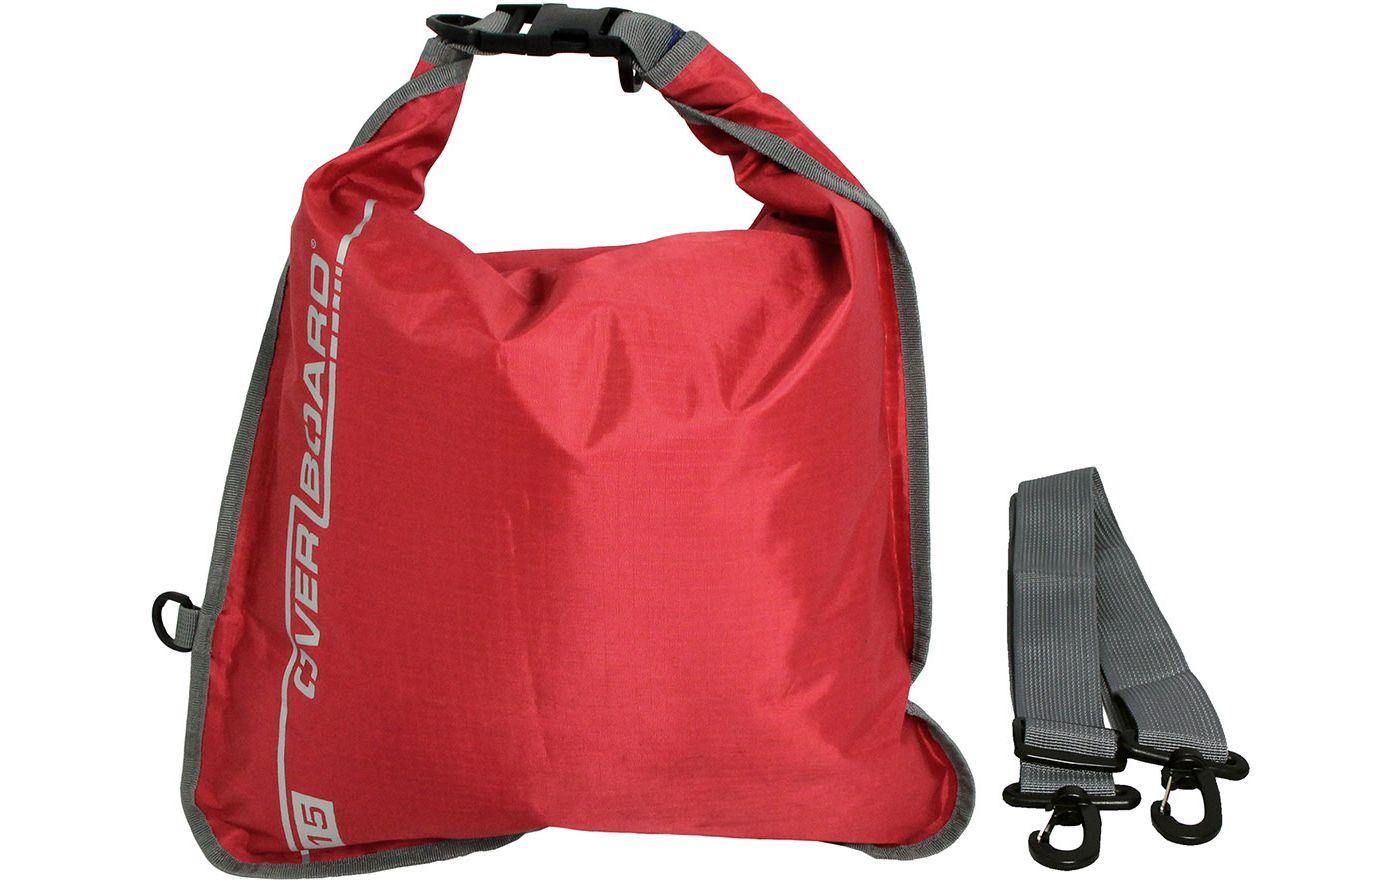 OverBoard Waterproof 15L Dry Flat Bag